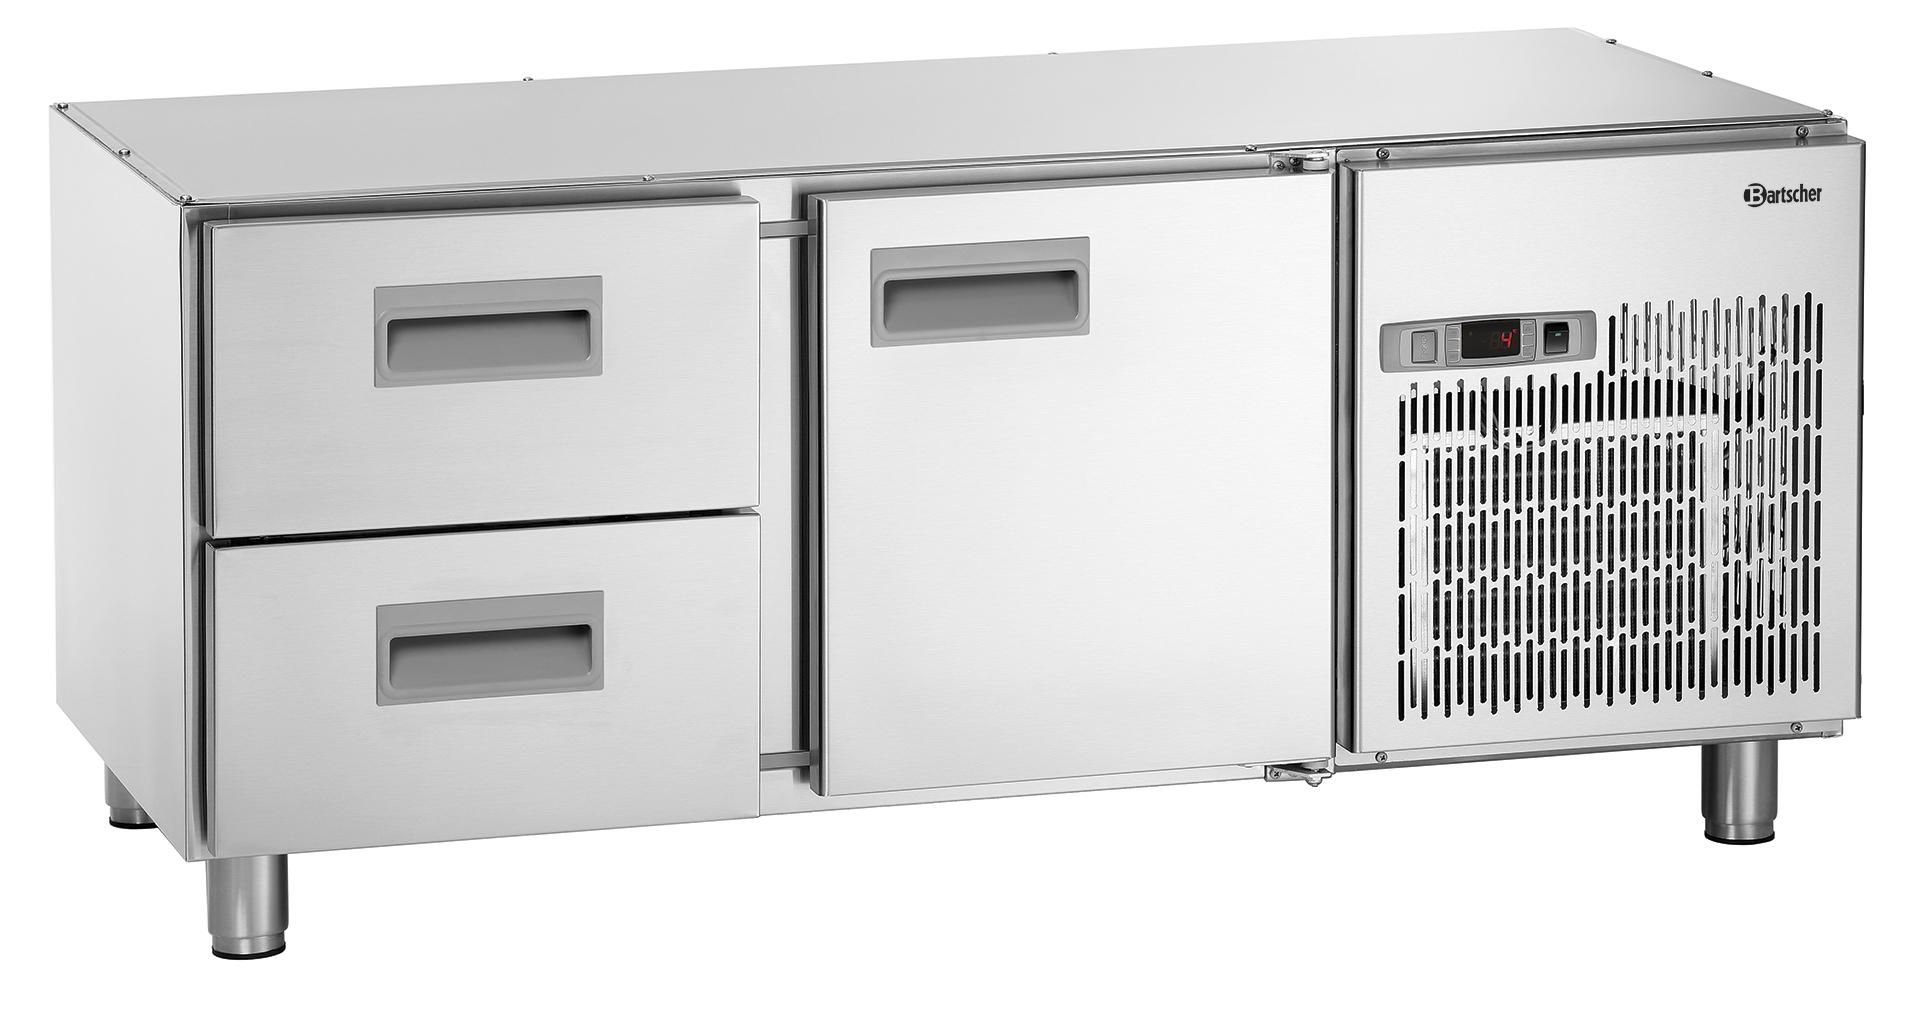 Bartscher Onderbouw-koelwerkbank 1400T1 S2 - 120 liter